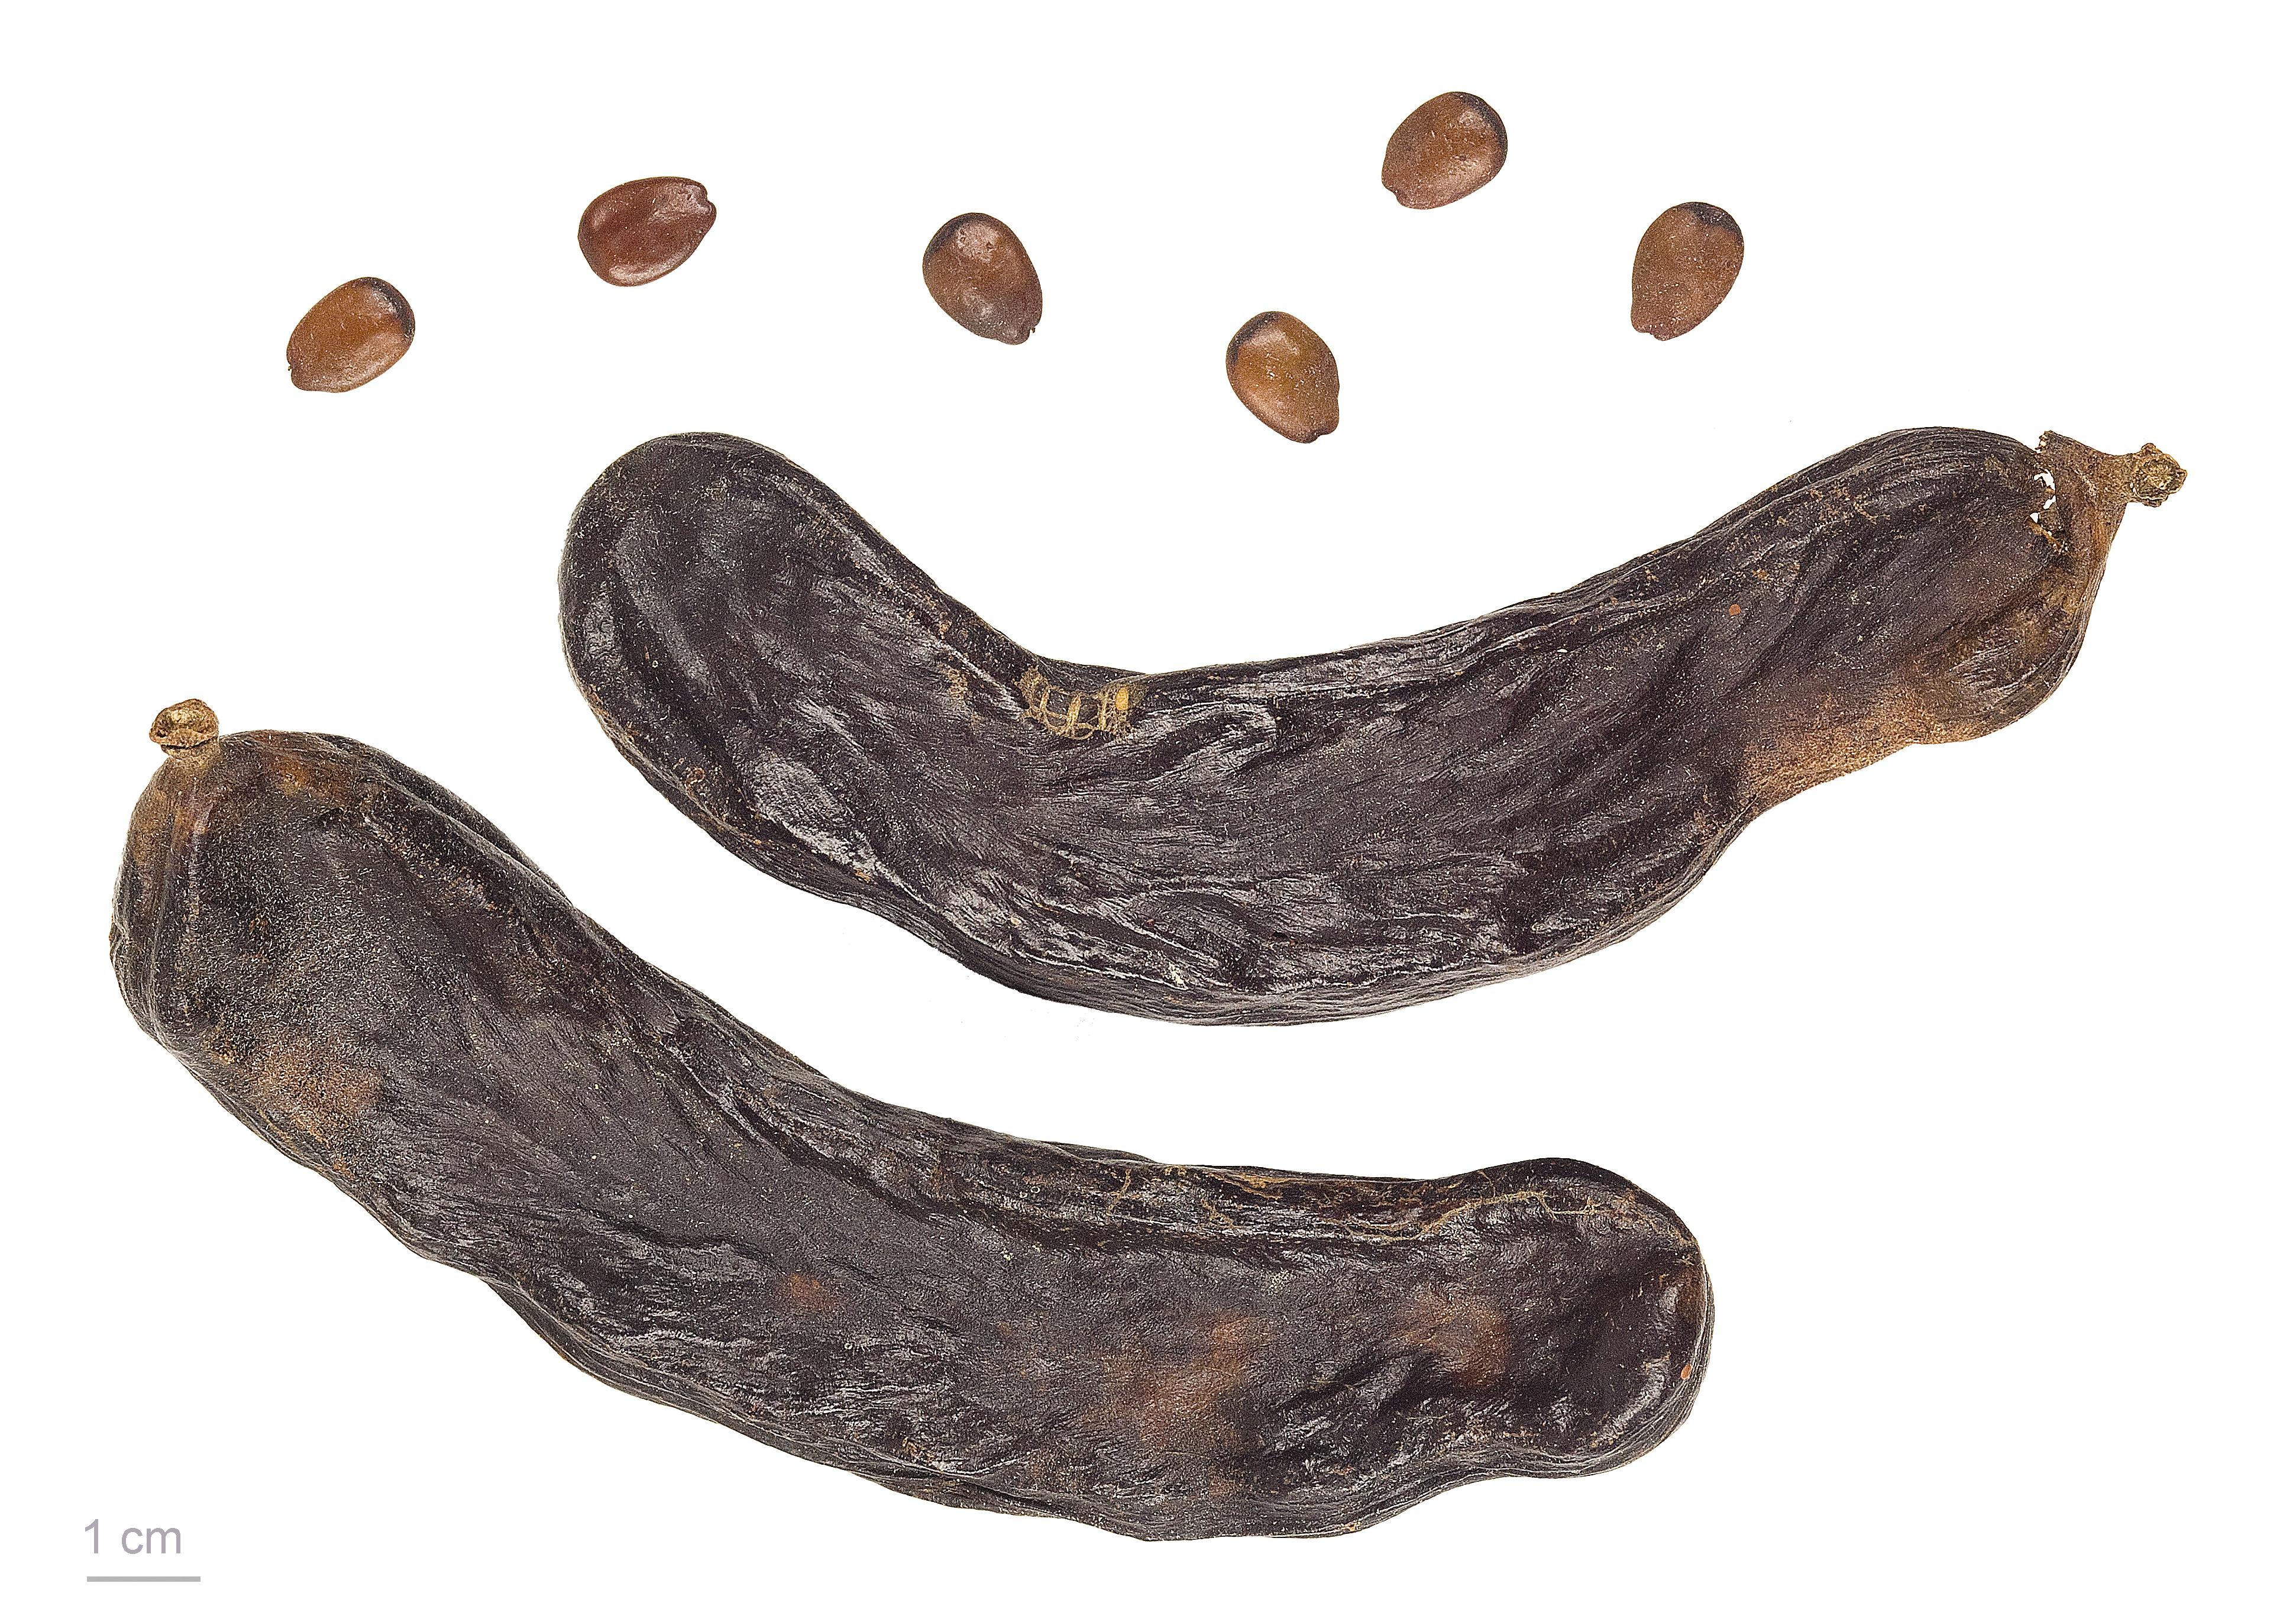 Szarańczyn strąkowy - Ceratonia siliqua